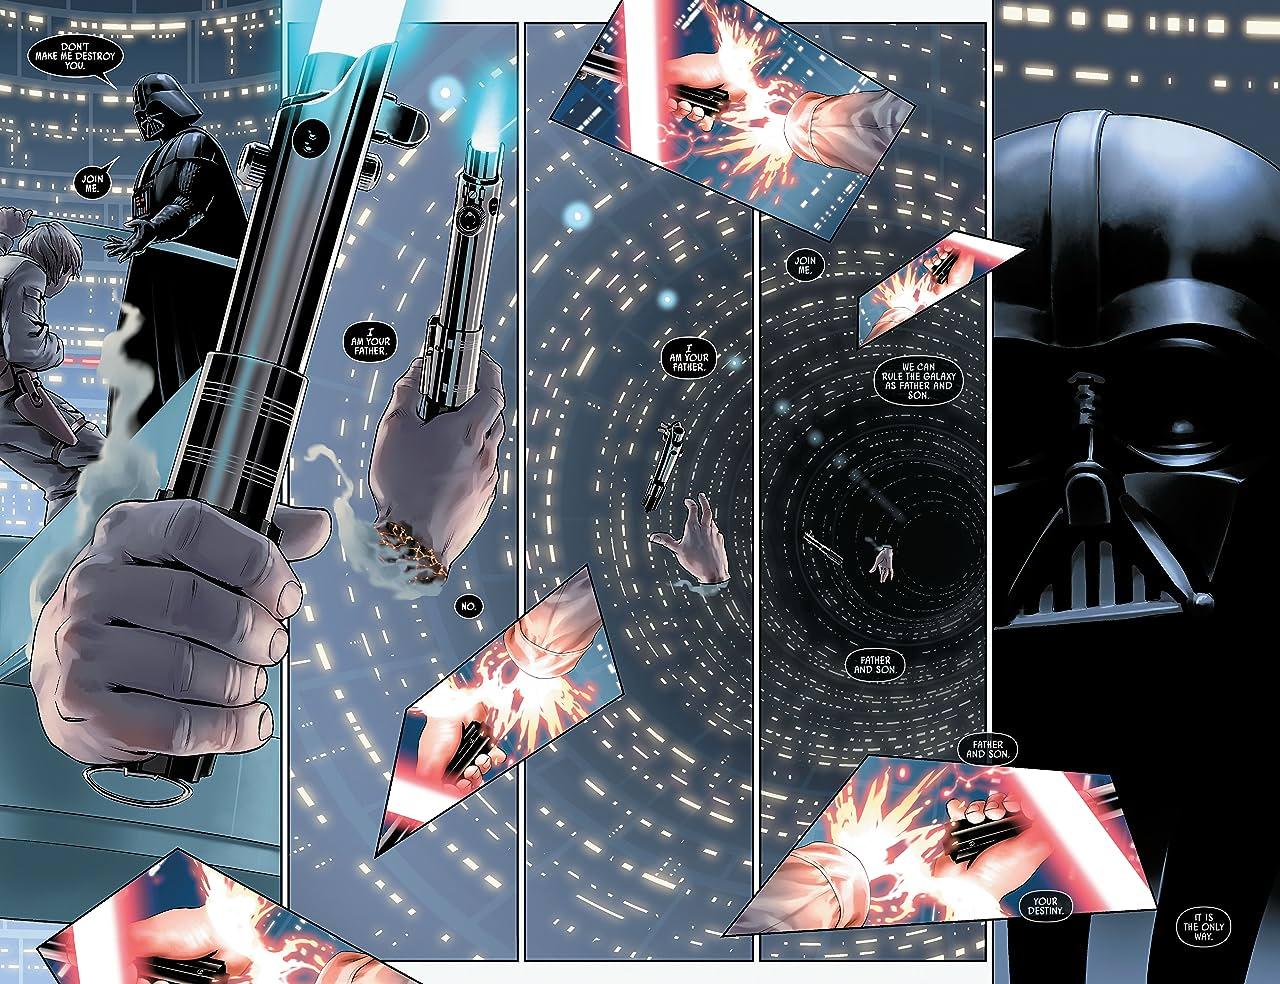 Star Wars Vol. 1: The Destiny Path